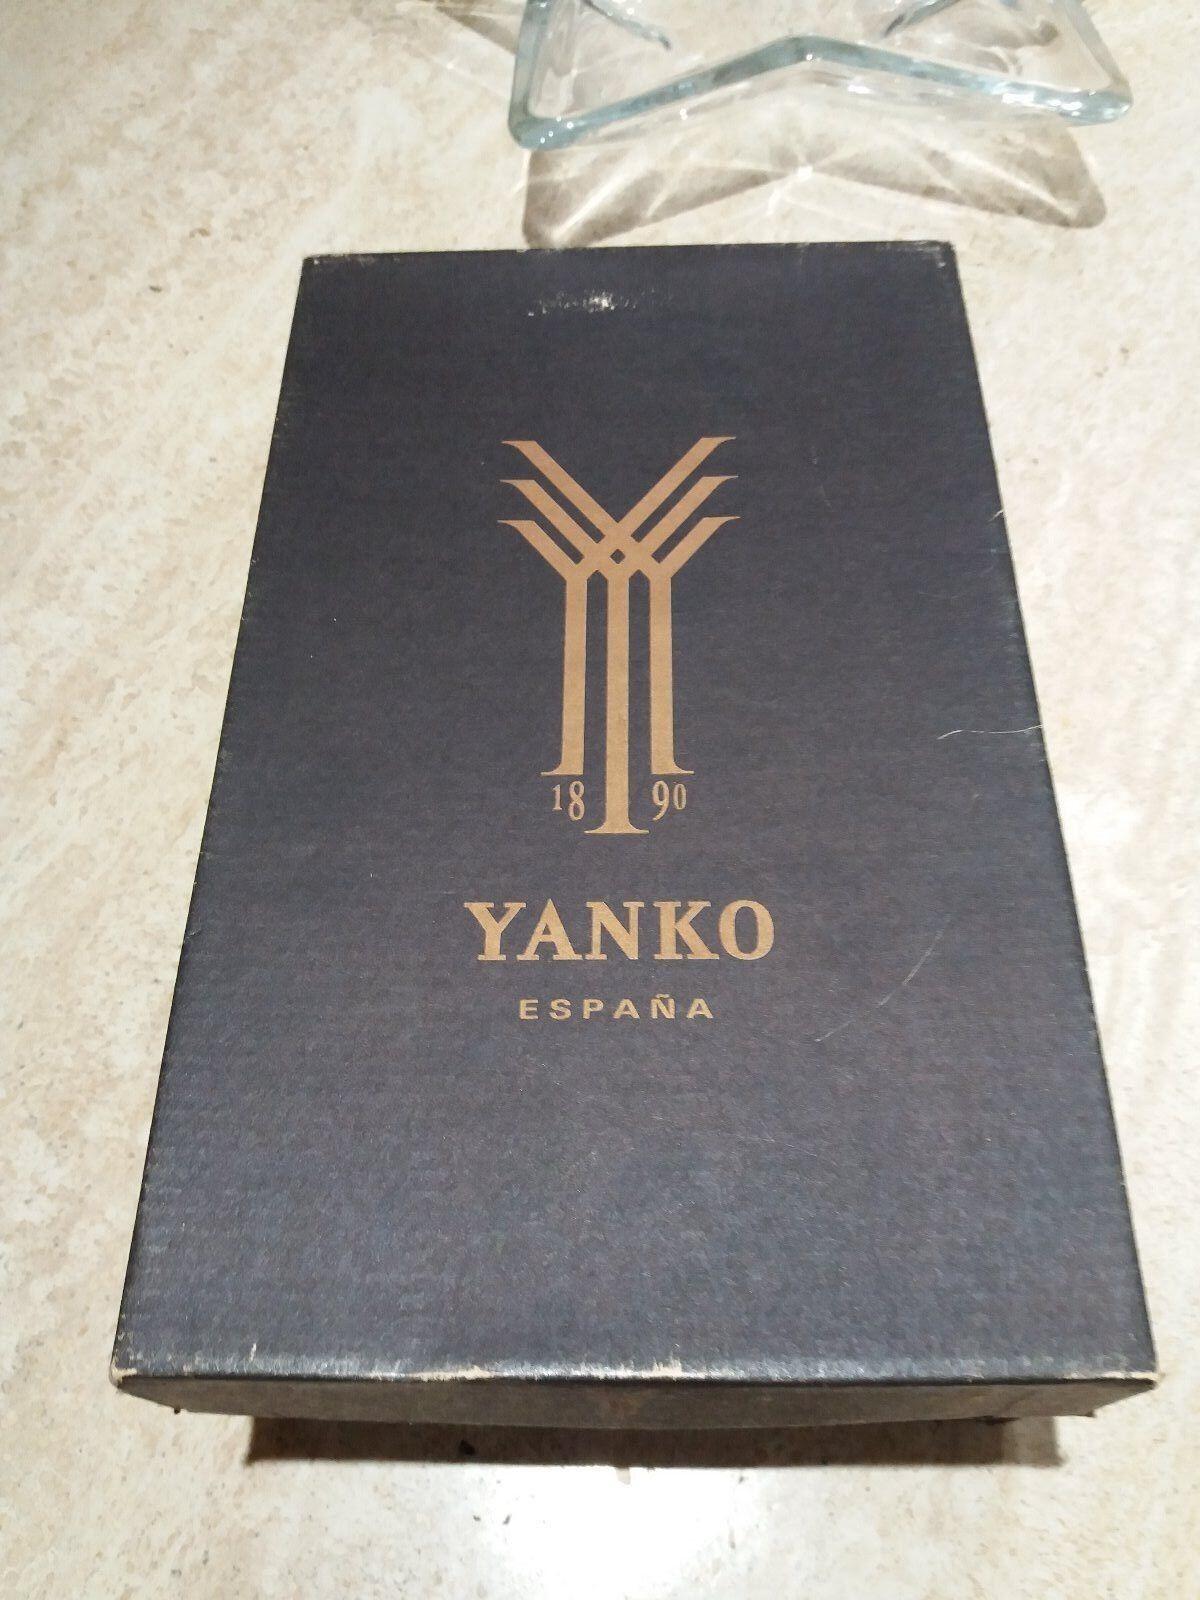 ZAPATO DE VESTIR YANKO, Horma 39 (Piel (Piel (Piel de Guante) Tacón 8 cm. 01cdd8